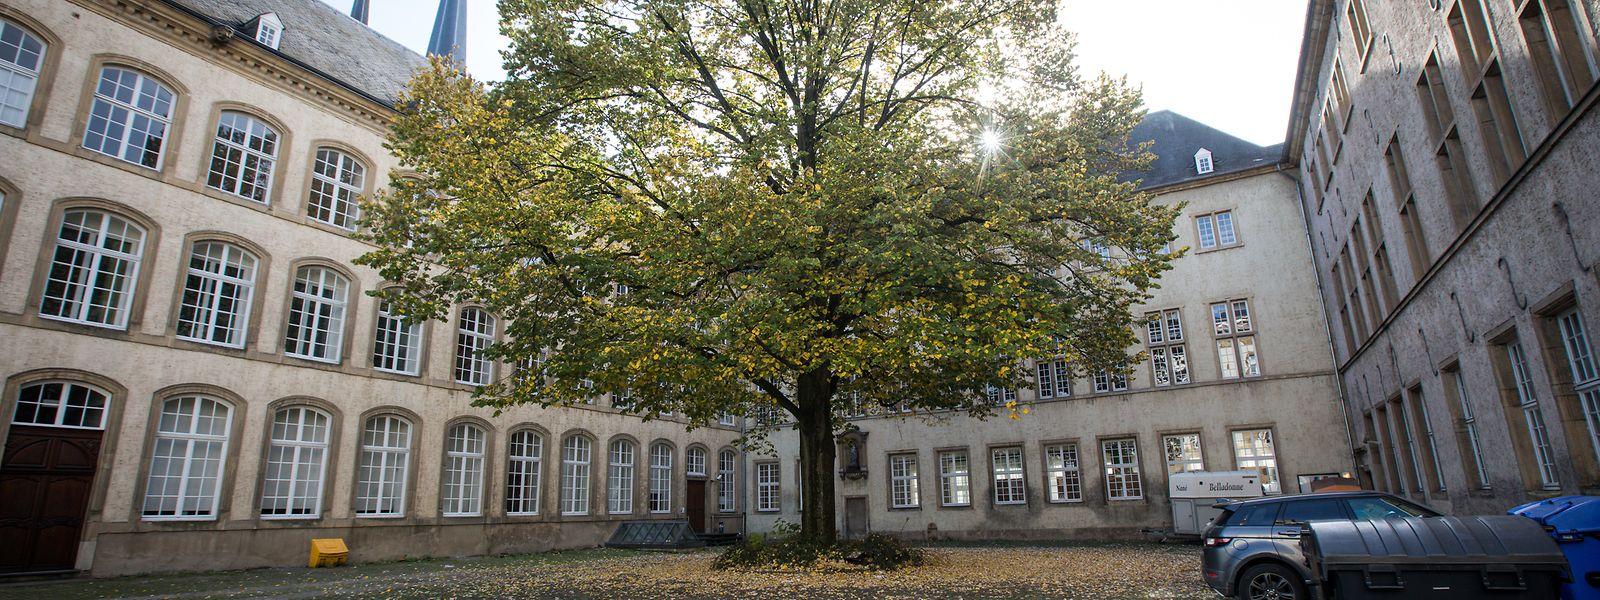 Gleich neben der Kathedrale in der Rue Notre-Dame steht das ehemalige Gebäude der Nationalbibliothek.